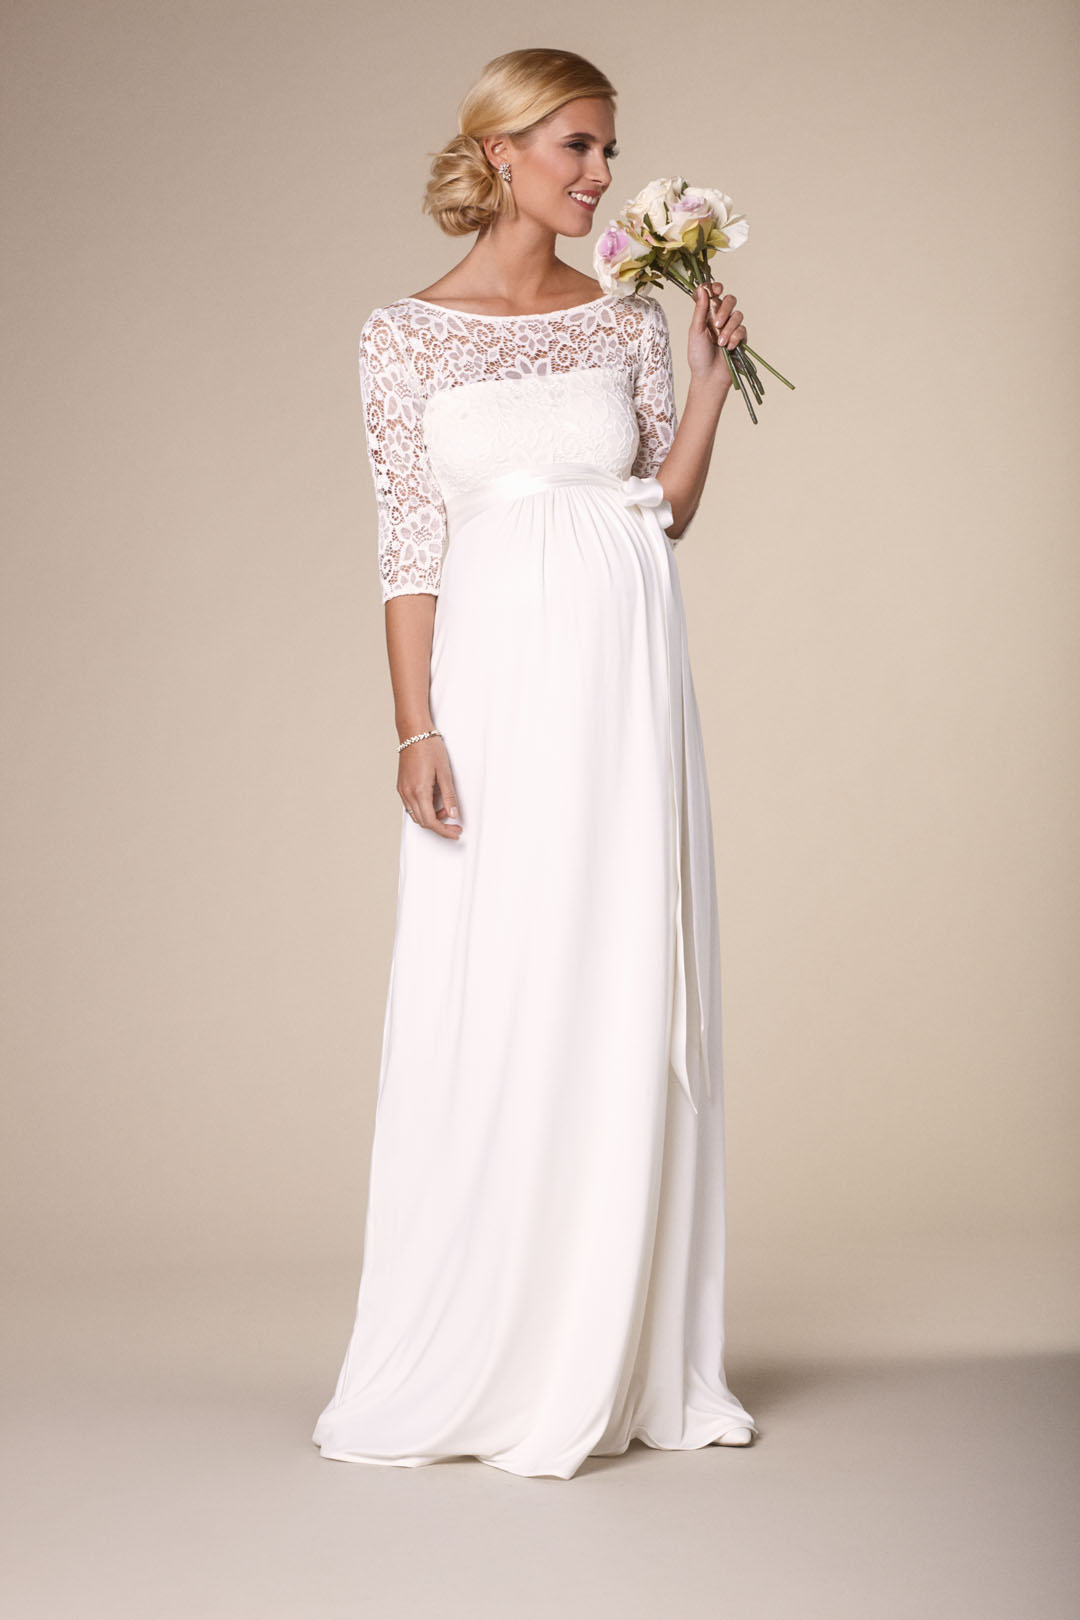 Heiraten mit Babybauch im Hochzeitskleid für Schwangere von Tiffany Rose: Modell Verona